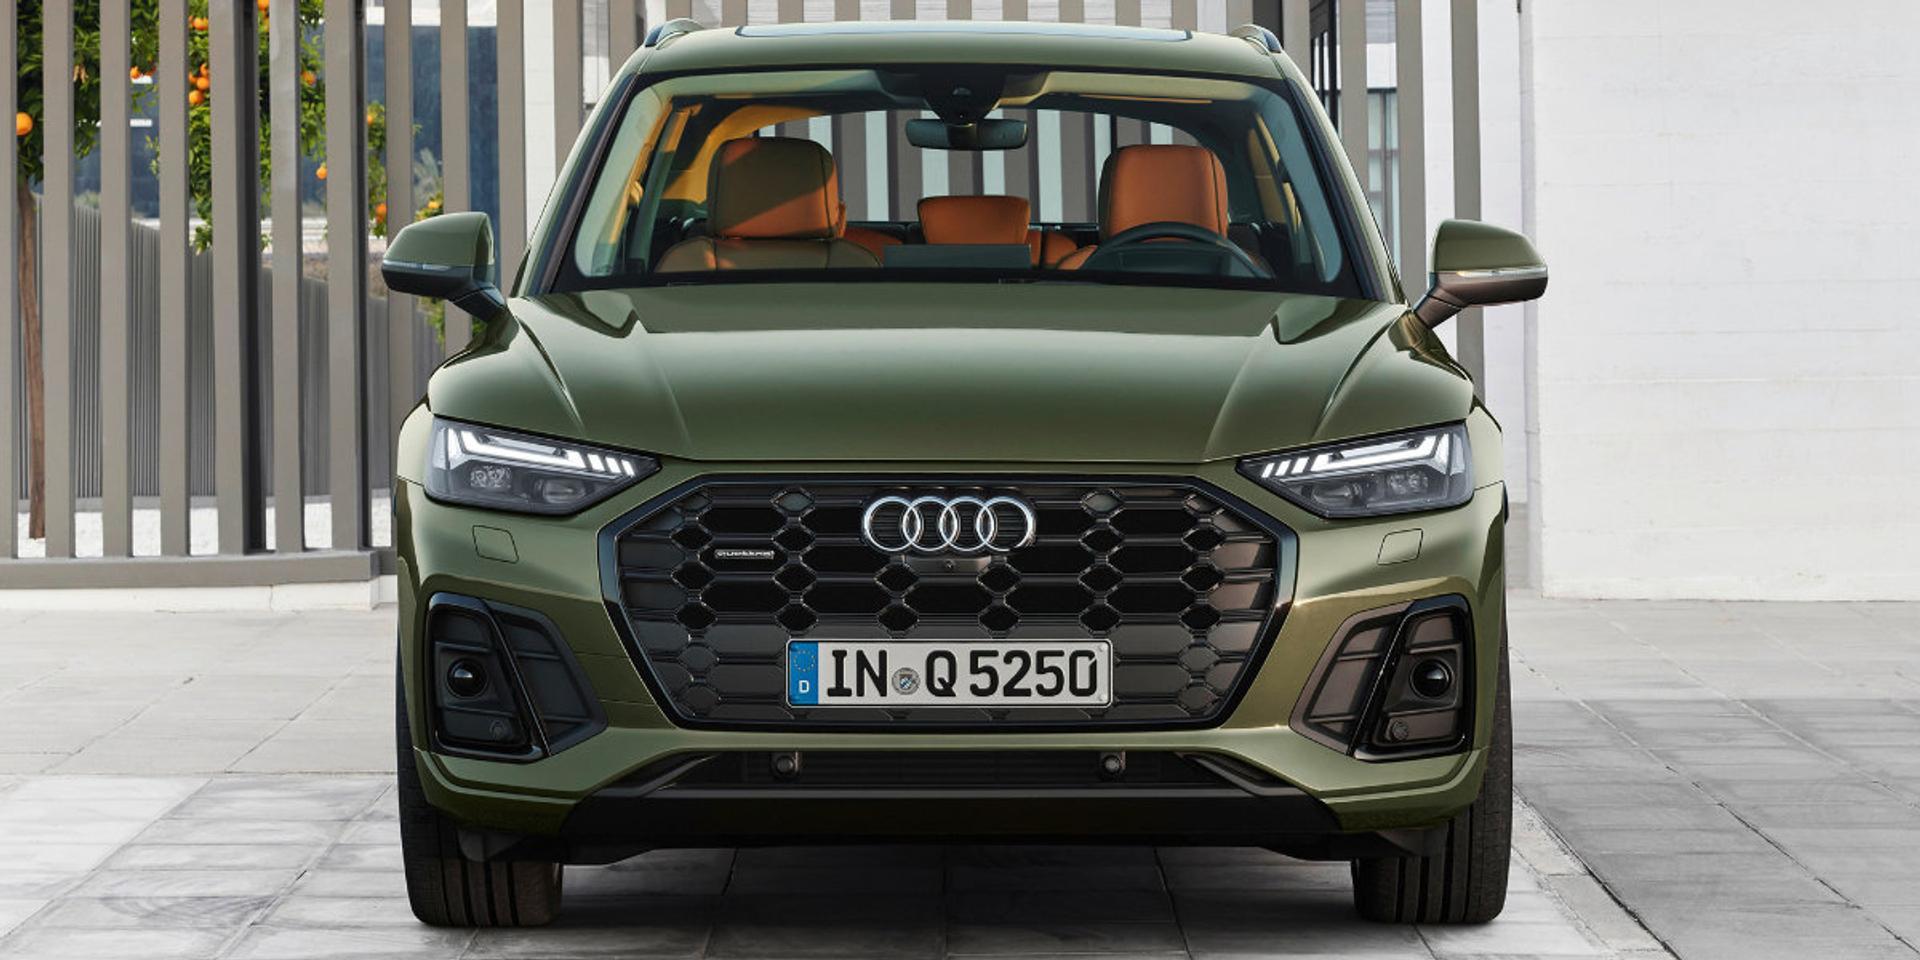 Audi Q5 front view